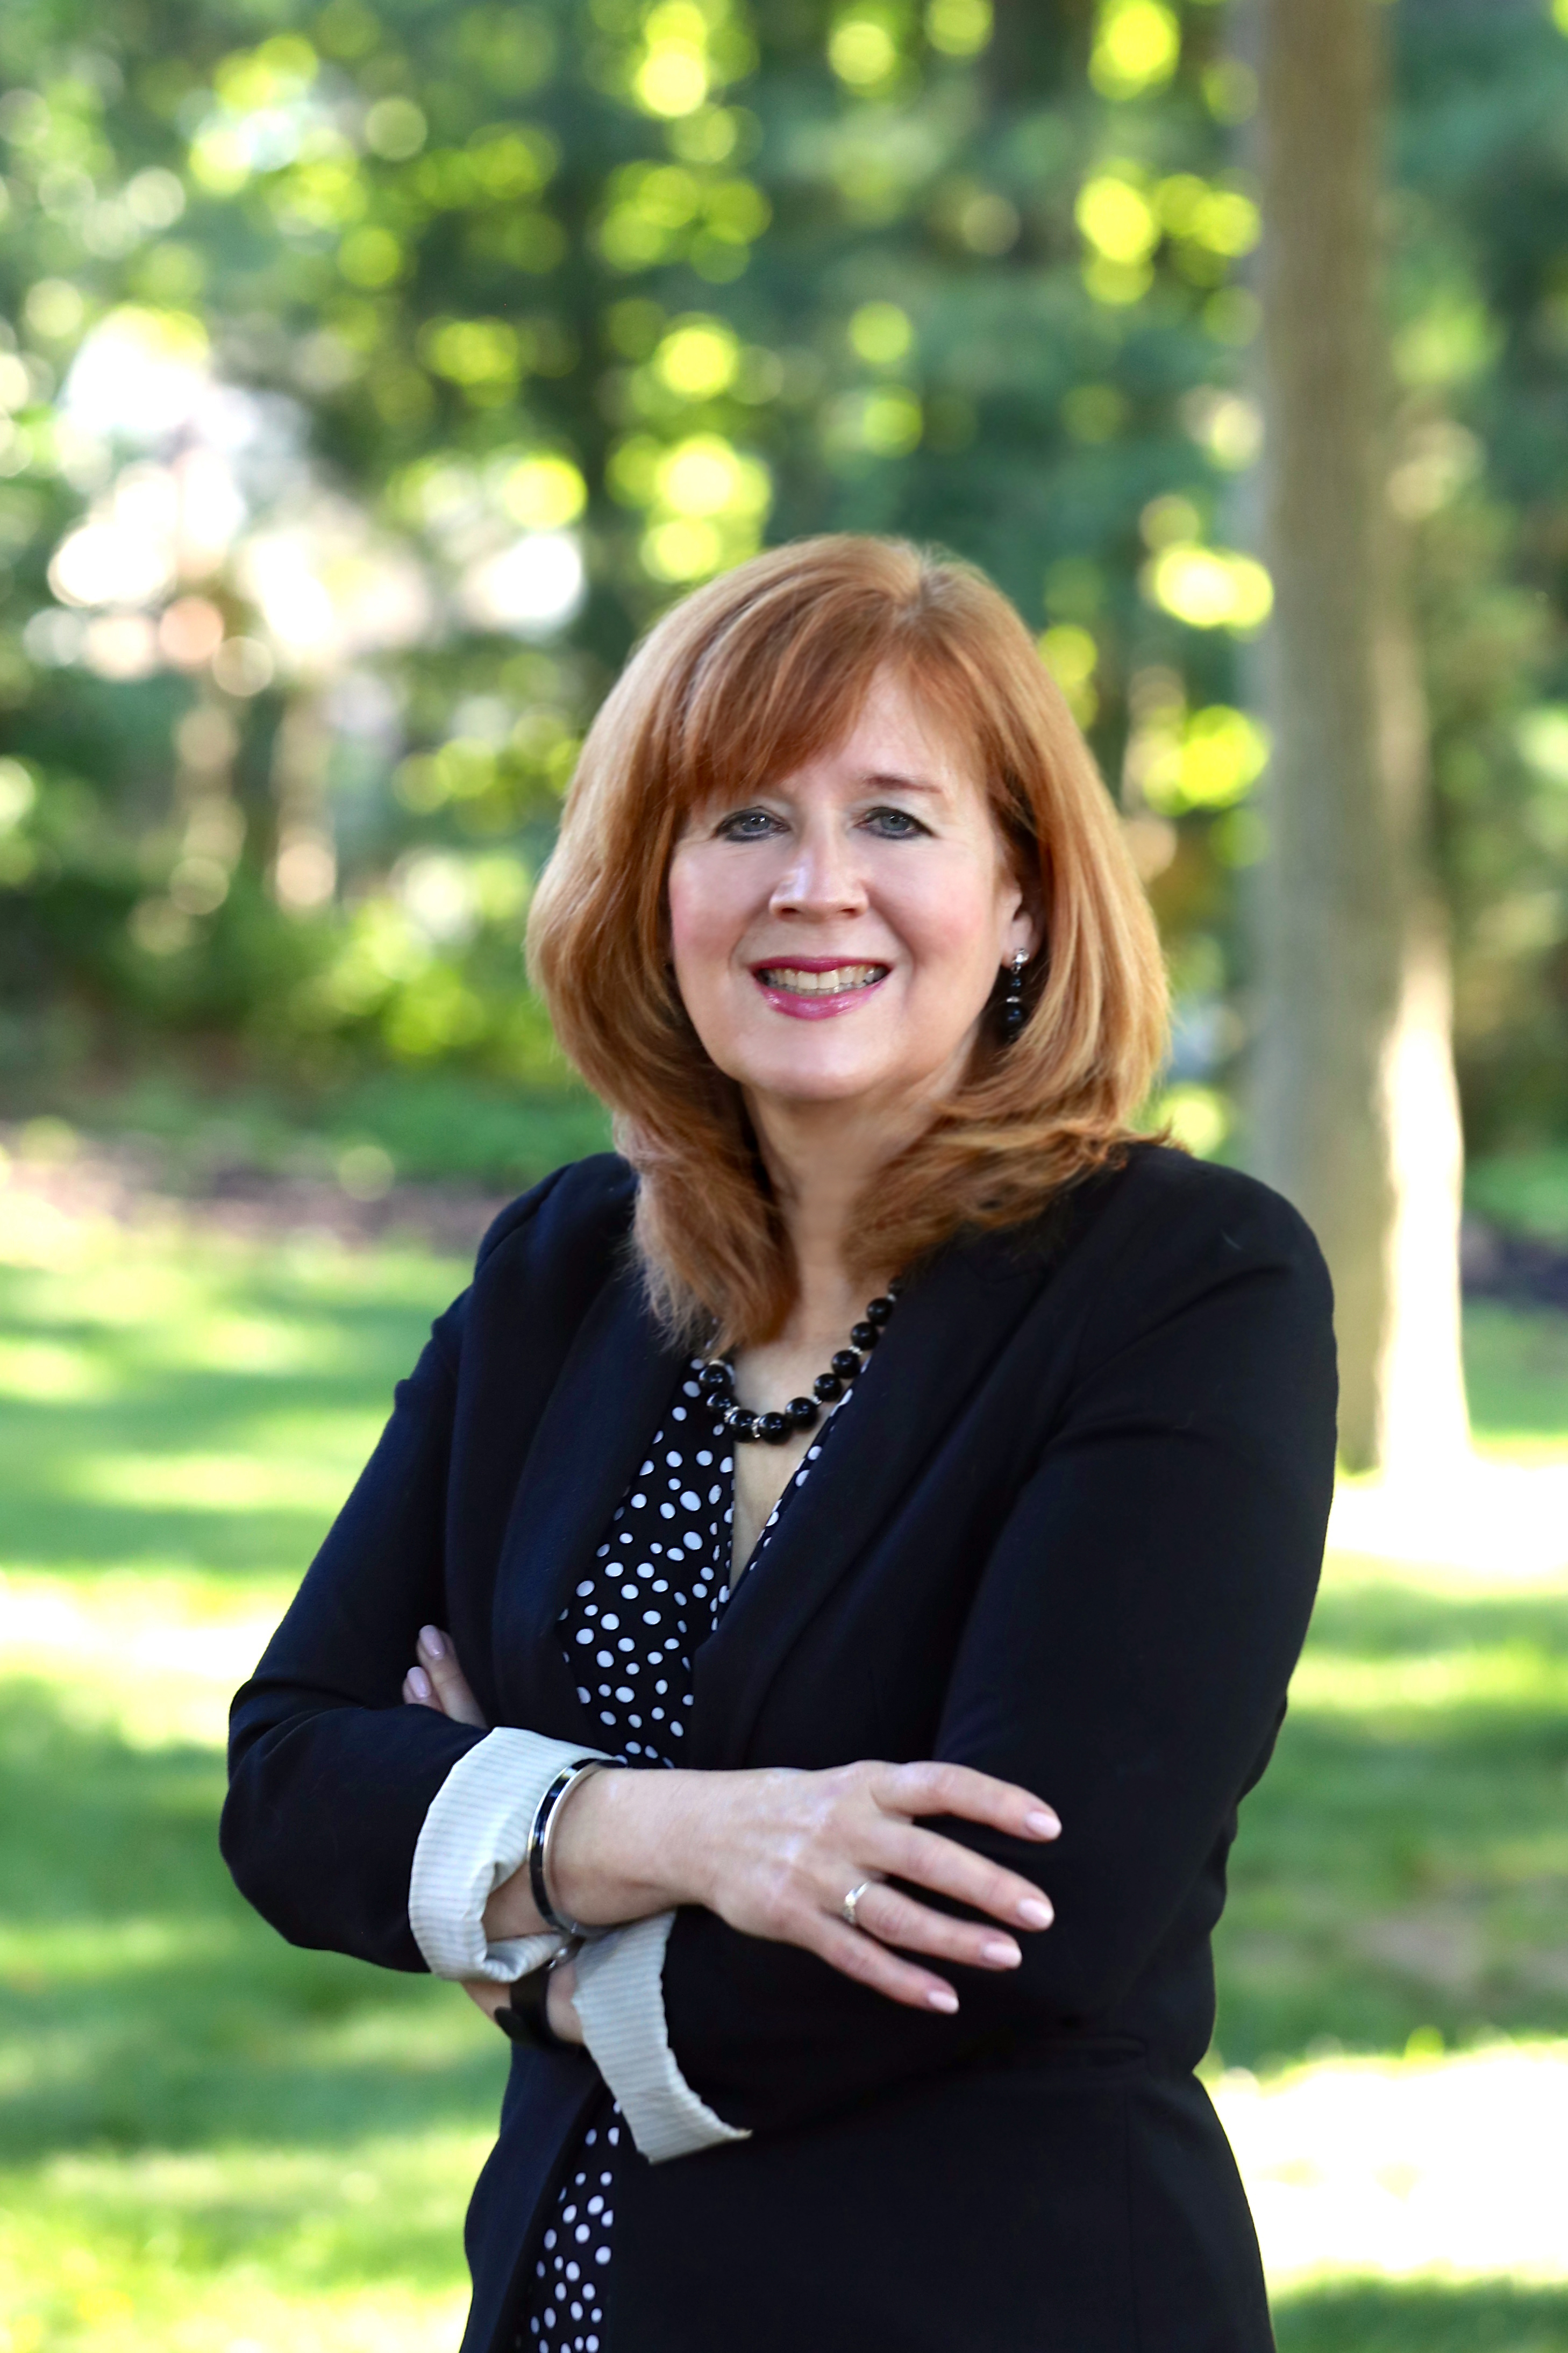 Janet Ciarrocca